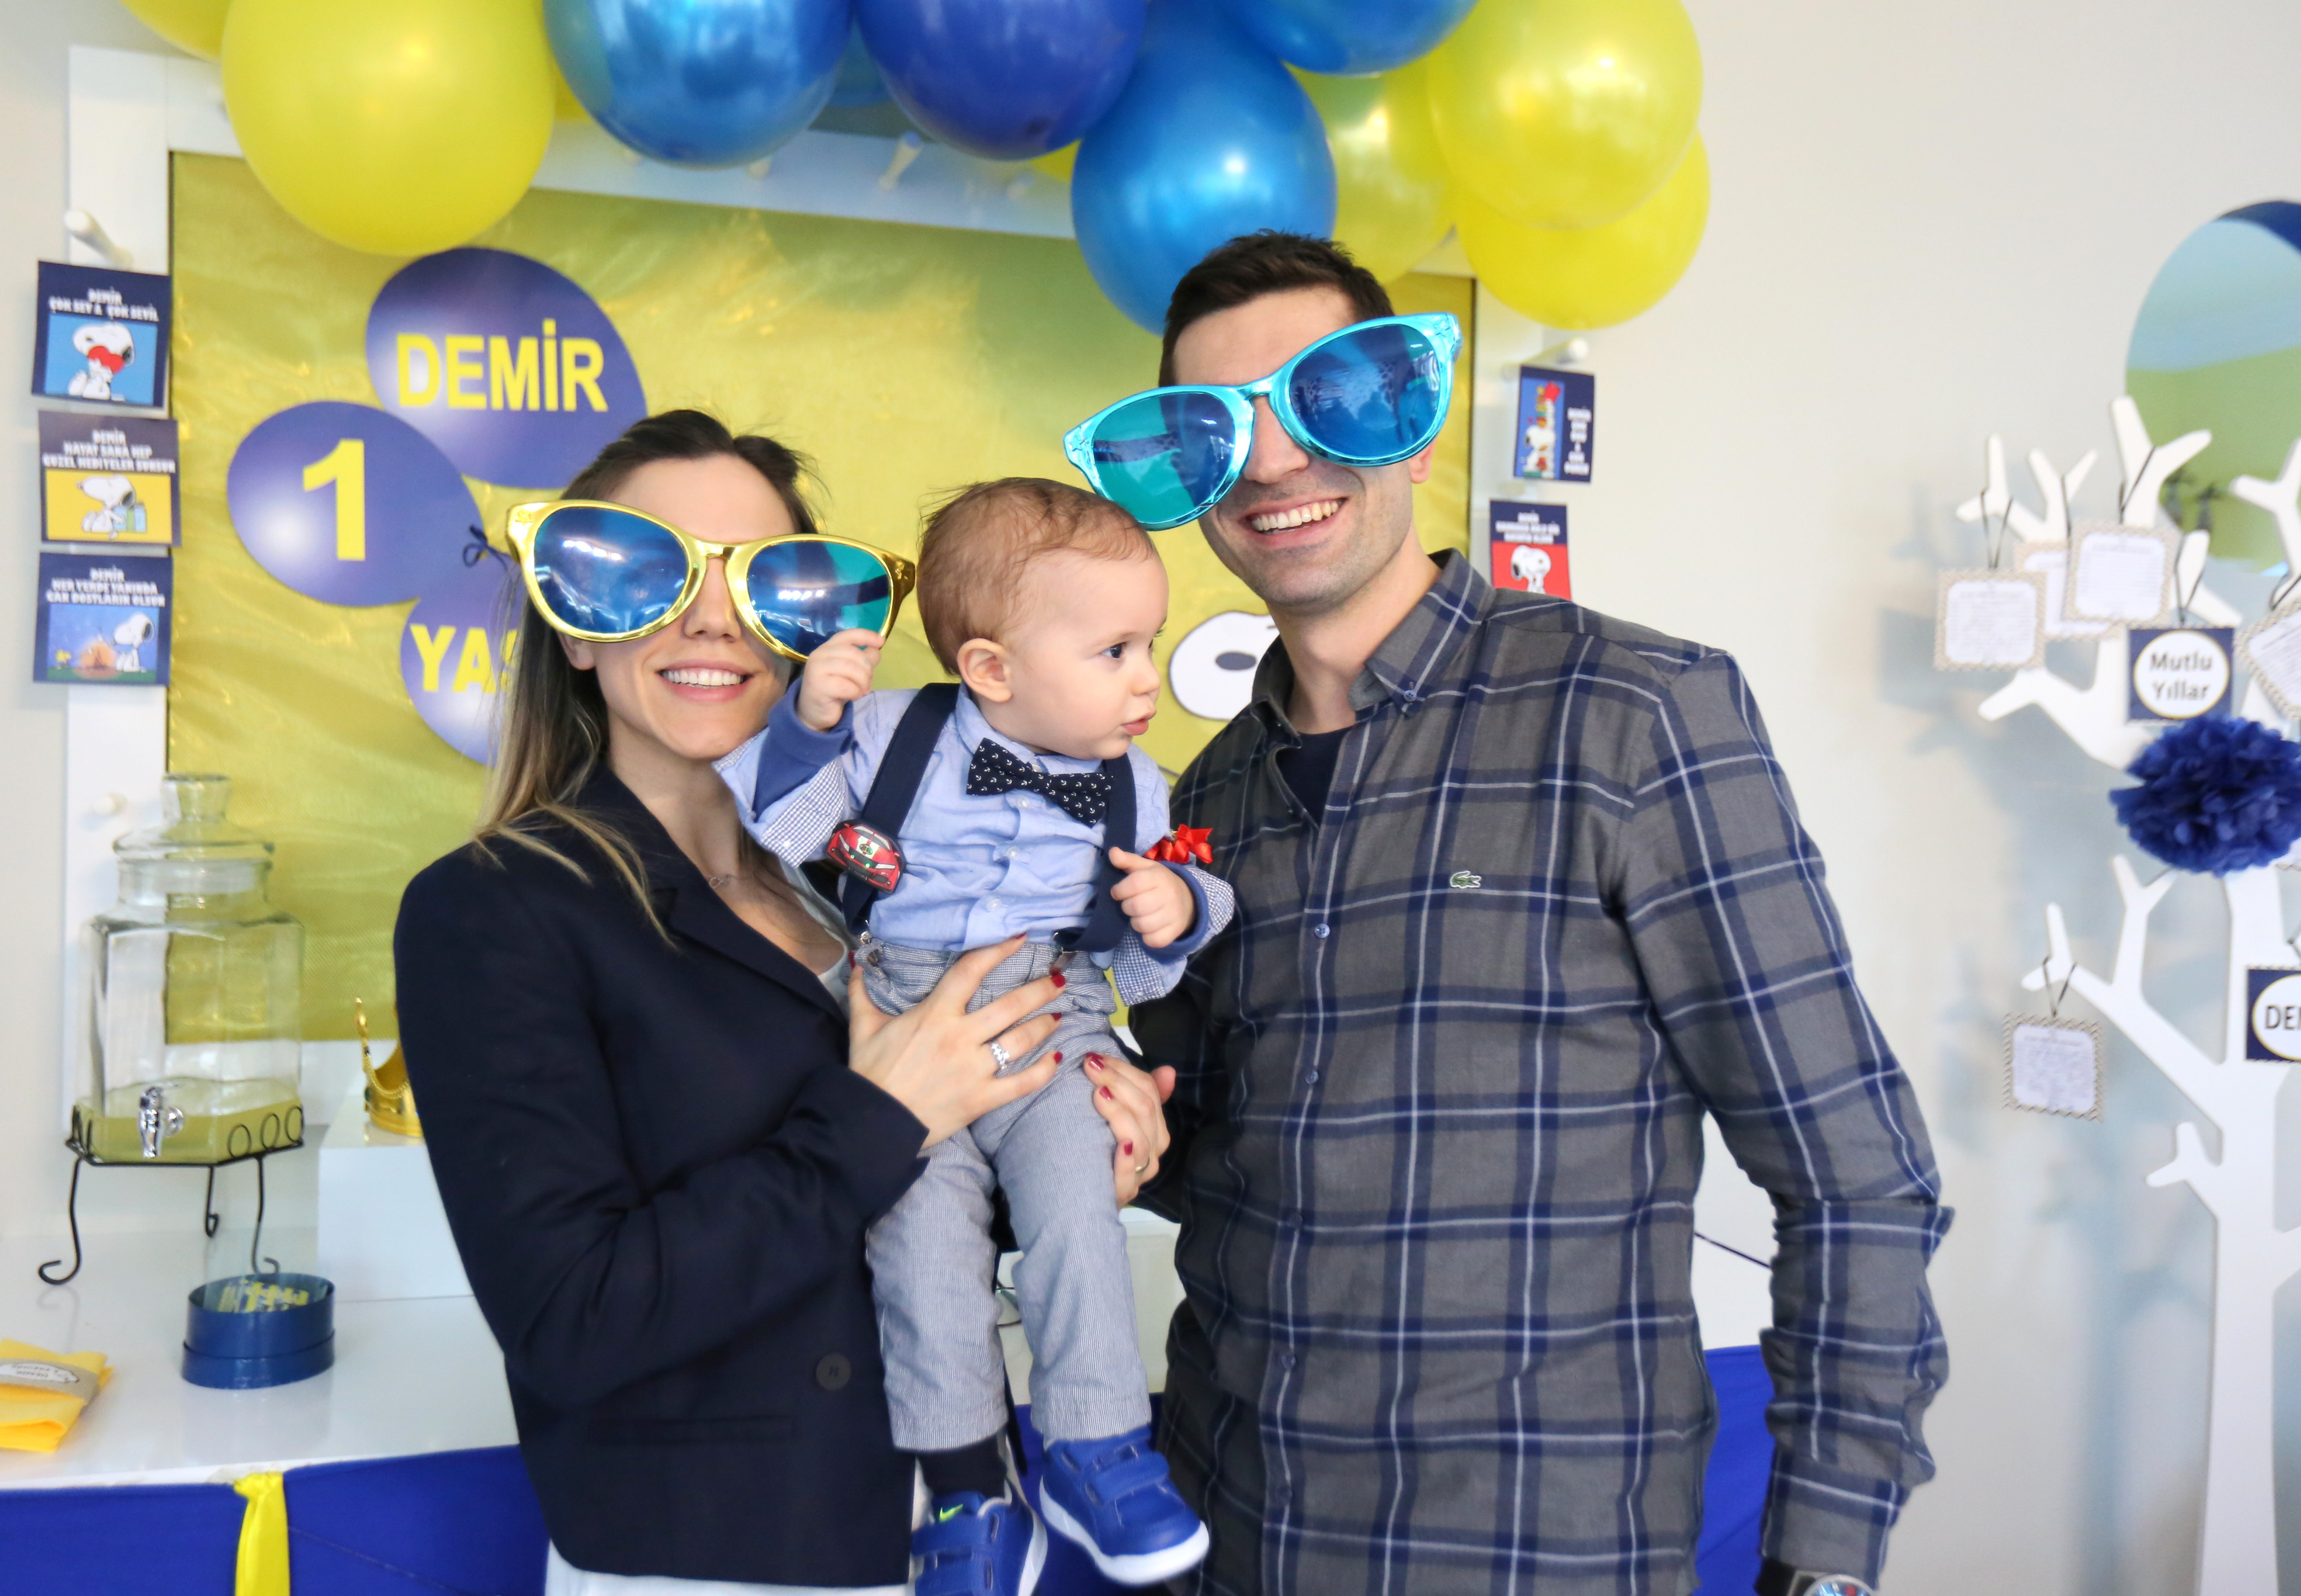 Demir Aşkı Ile Ailesi Arasında: Demir'in Ilk Doğum Günü Partisi